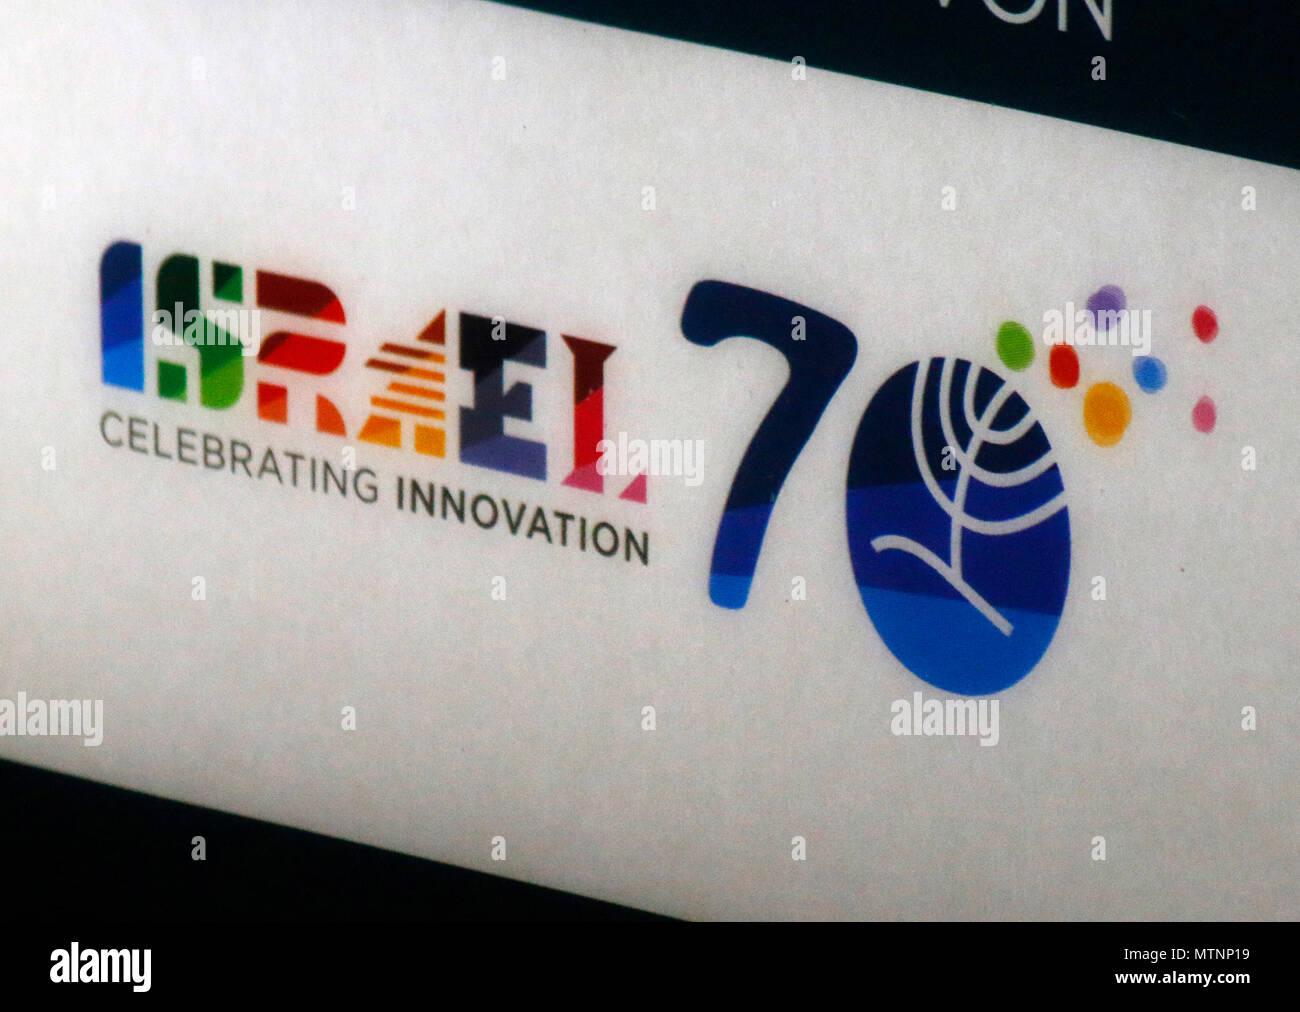 das Logo zur offiziellen 70 Jahres Feier Israels 'Israel 70', Berlin. - Stock Image